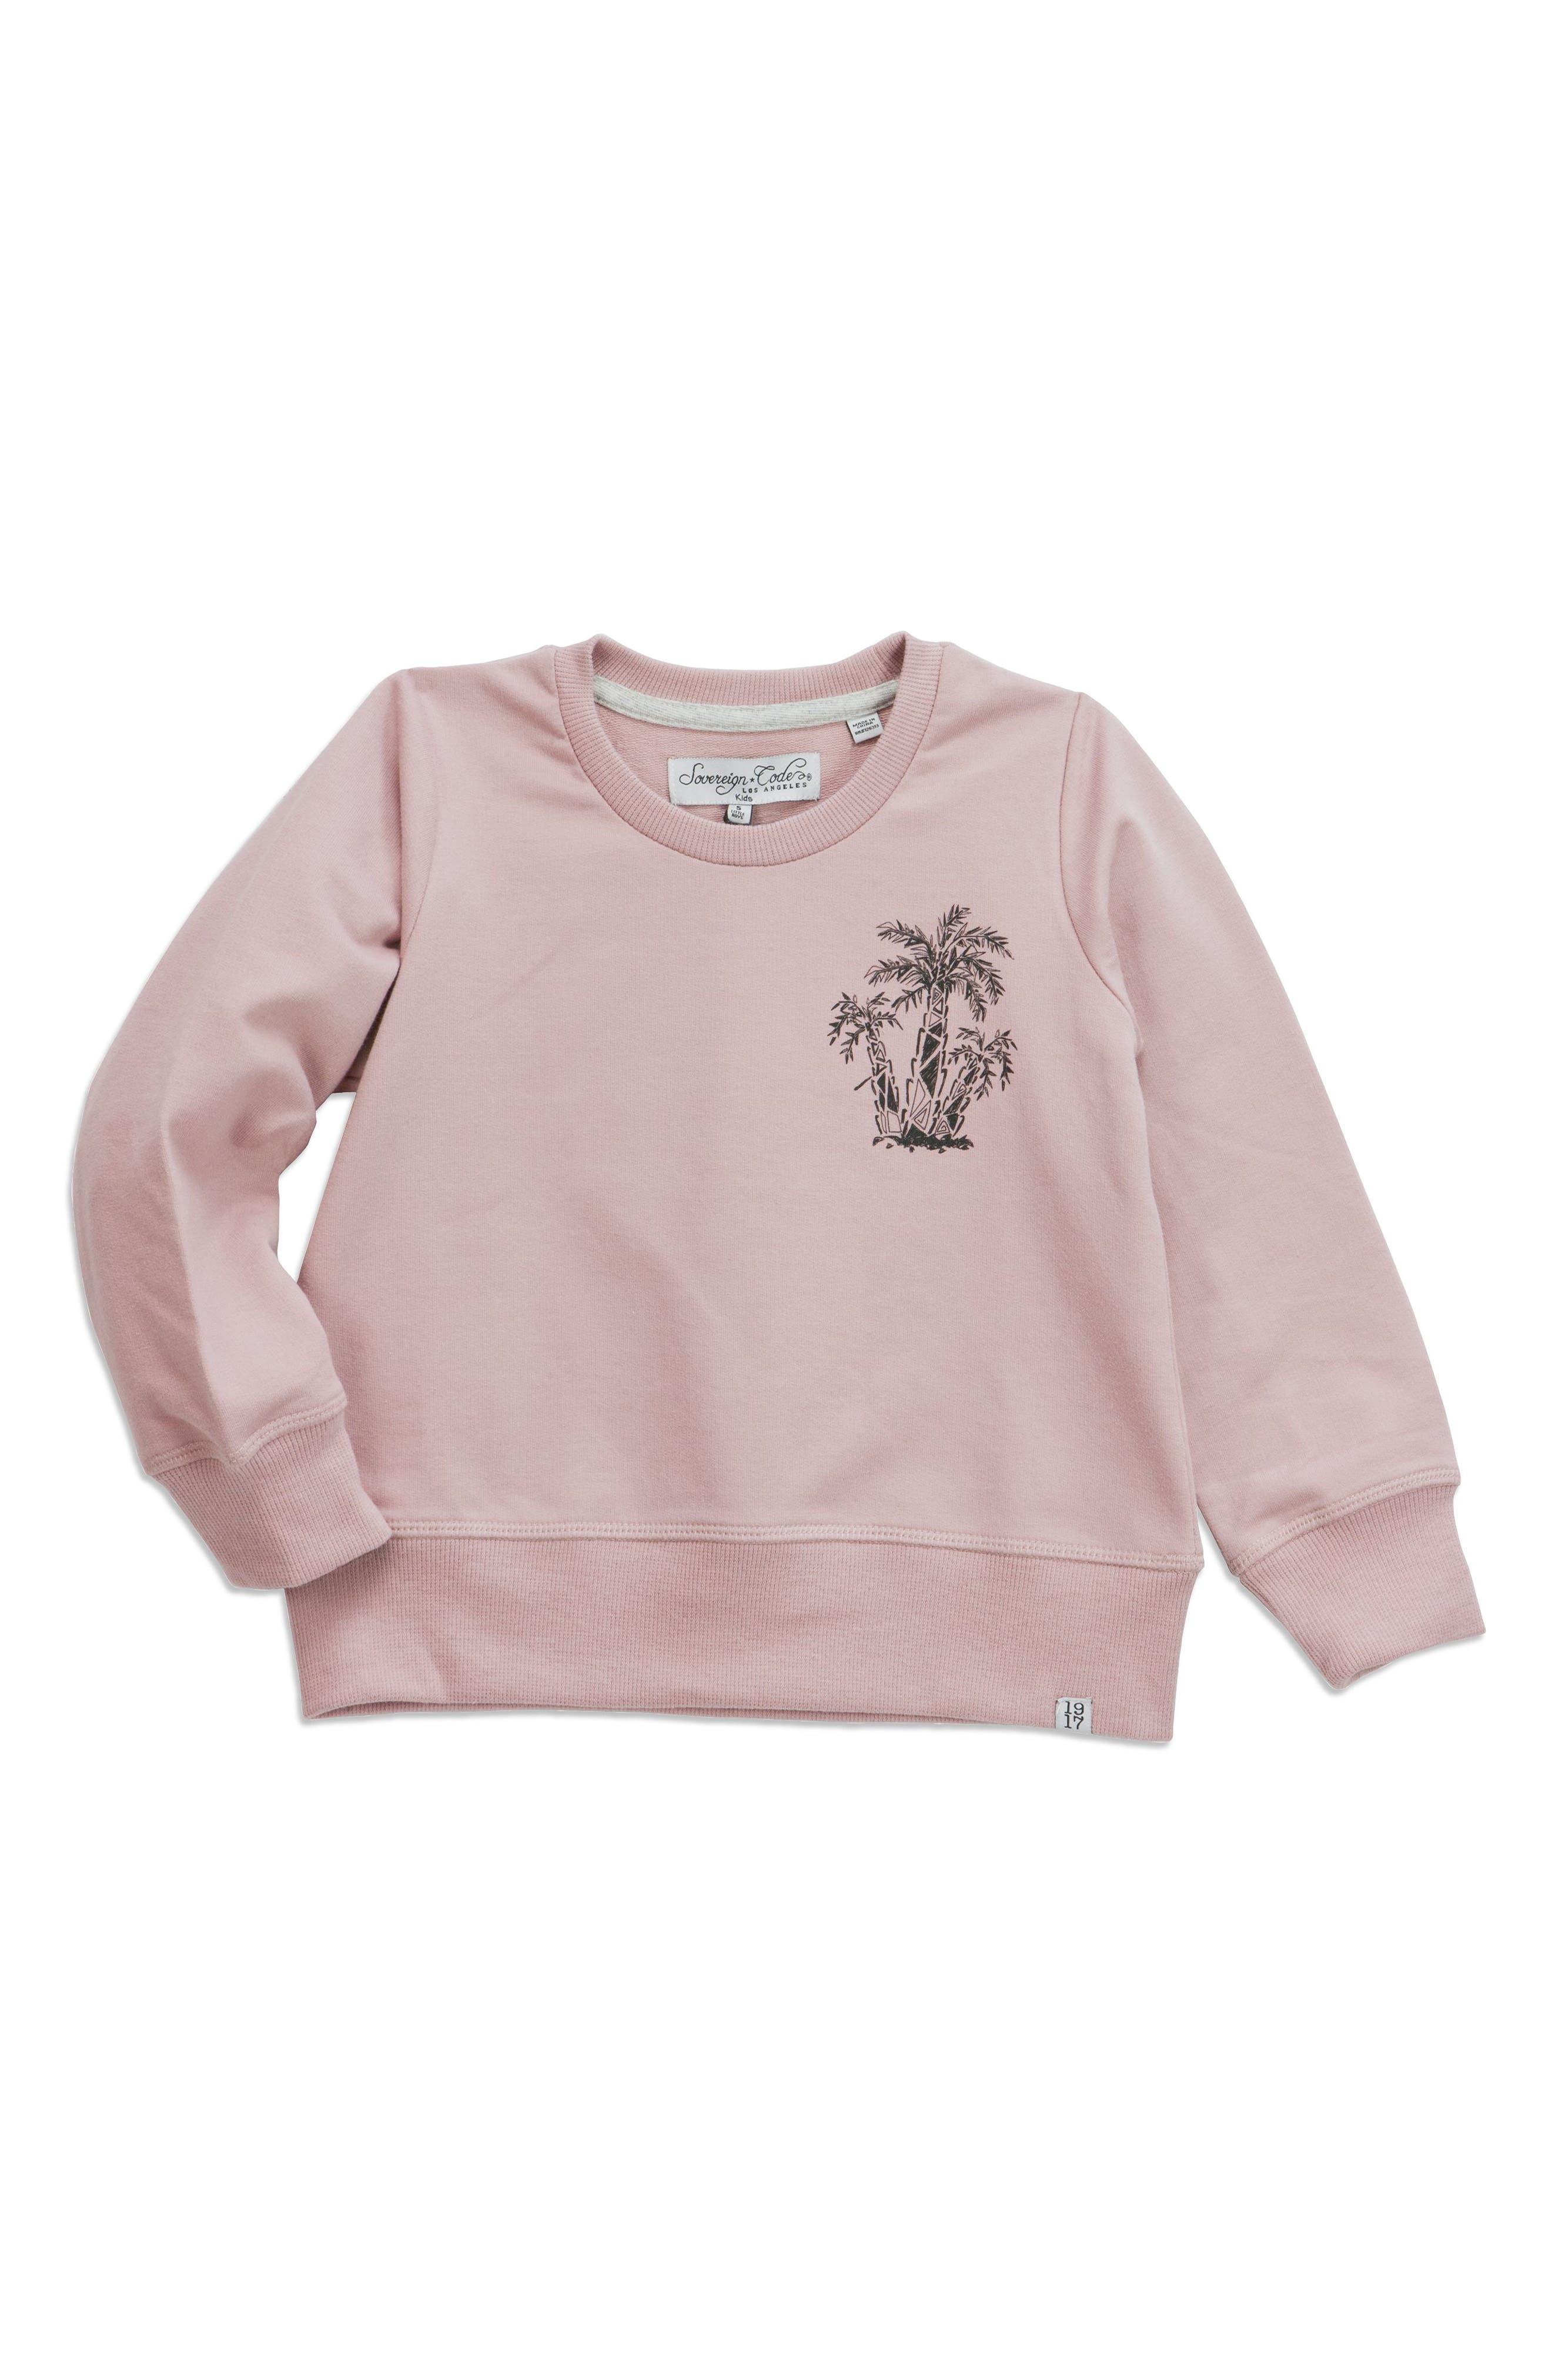 Lines Graphic Sweatshirt,                             Main thumbnail 1, color,                             Mauve